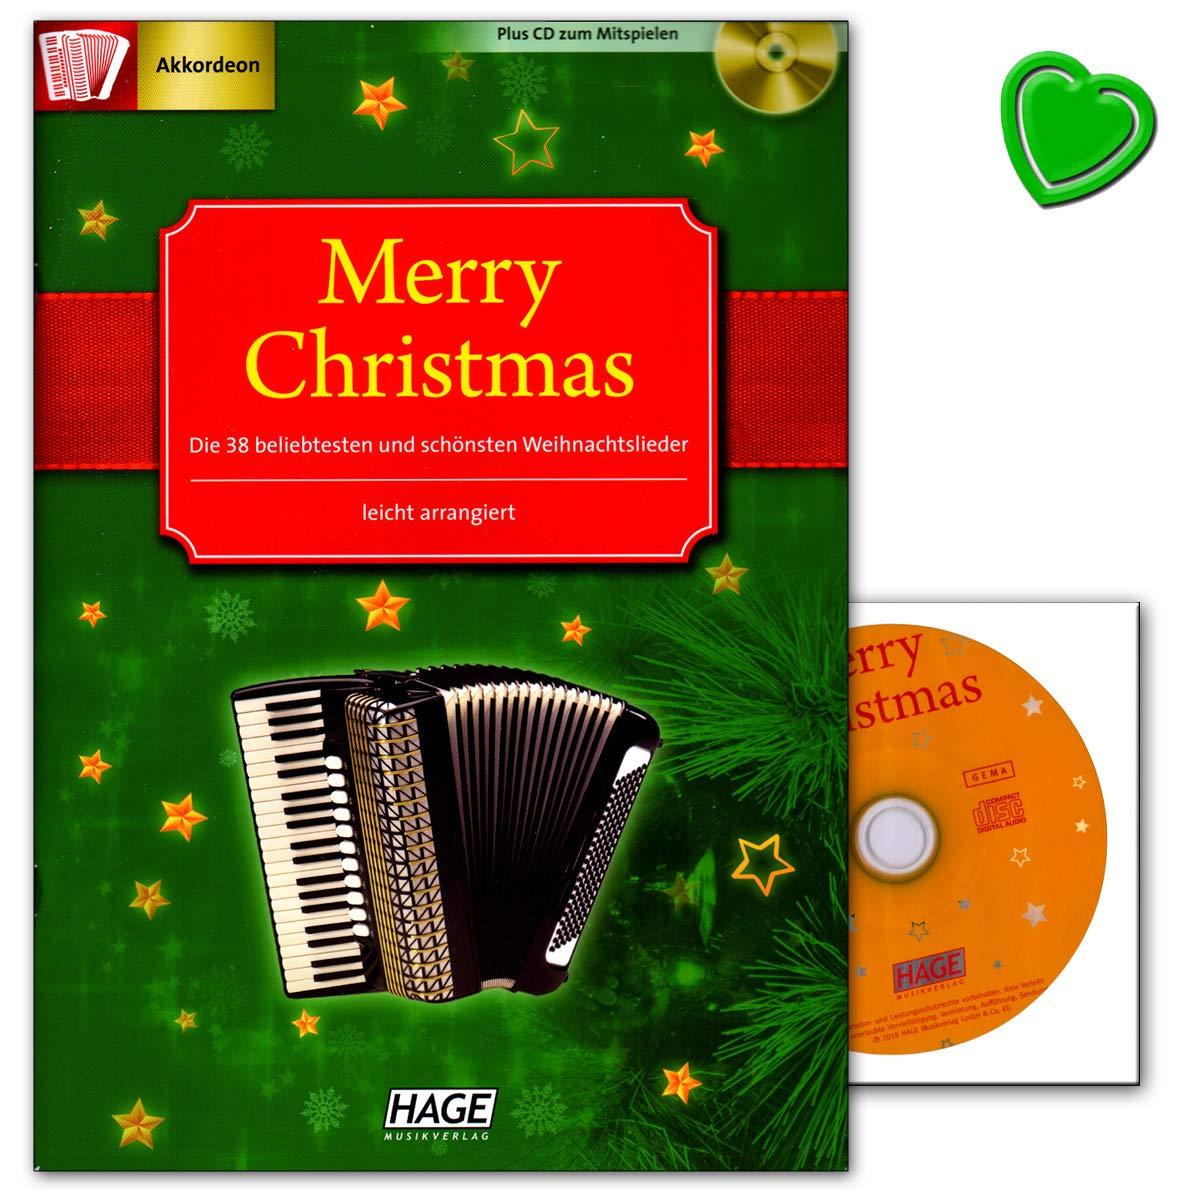 45 chansons de Noël - Légèrement arrangées spécialement pour l'accordéon - 2 CD pour jouer avec pincettes multicolores